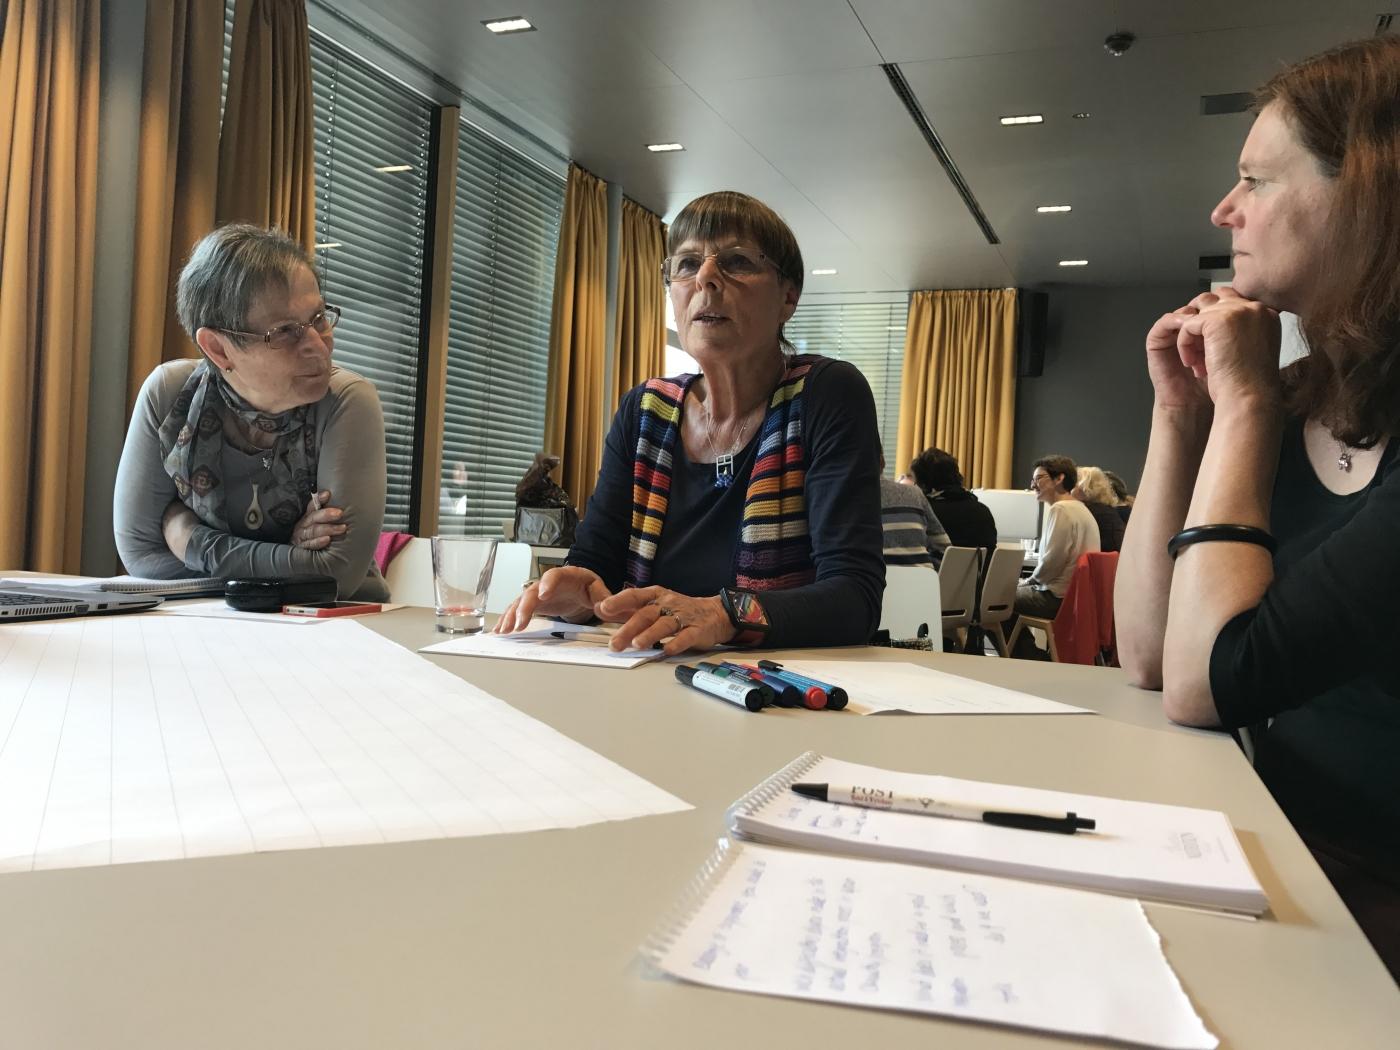 Dorle Schmidt diskutiert bei dem Workshop zu ehrenamtlichen Intgrationsprojekten